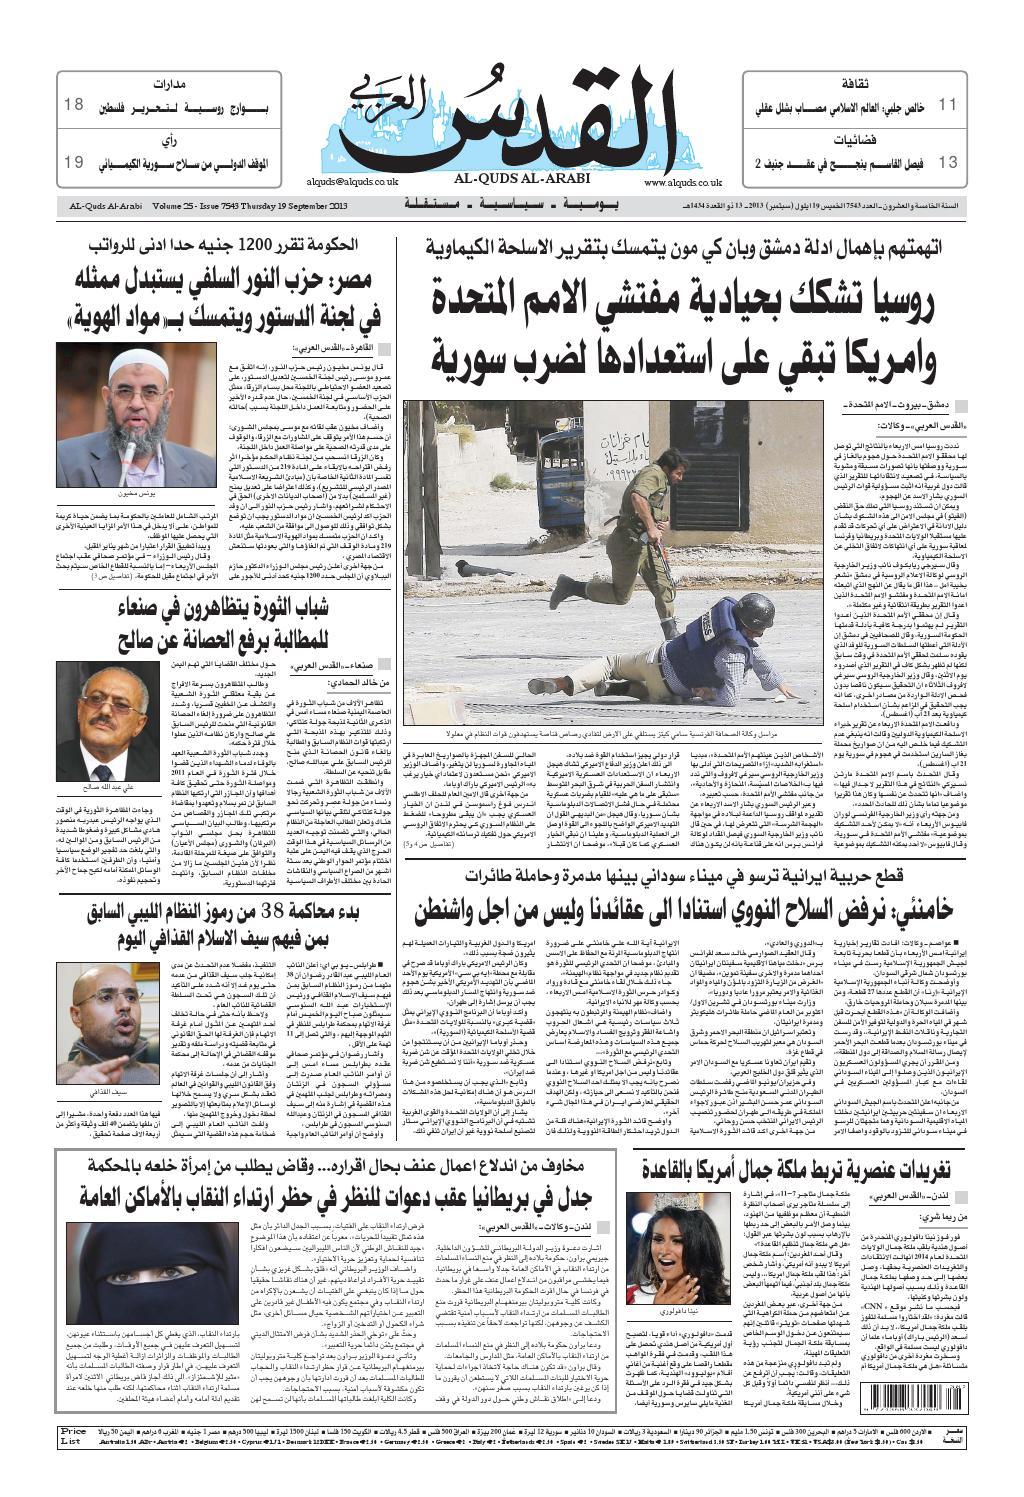 254e970a7 صحيفة القدس العربي , الخميس 19.09.2013 by مركز الحدث - issuu